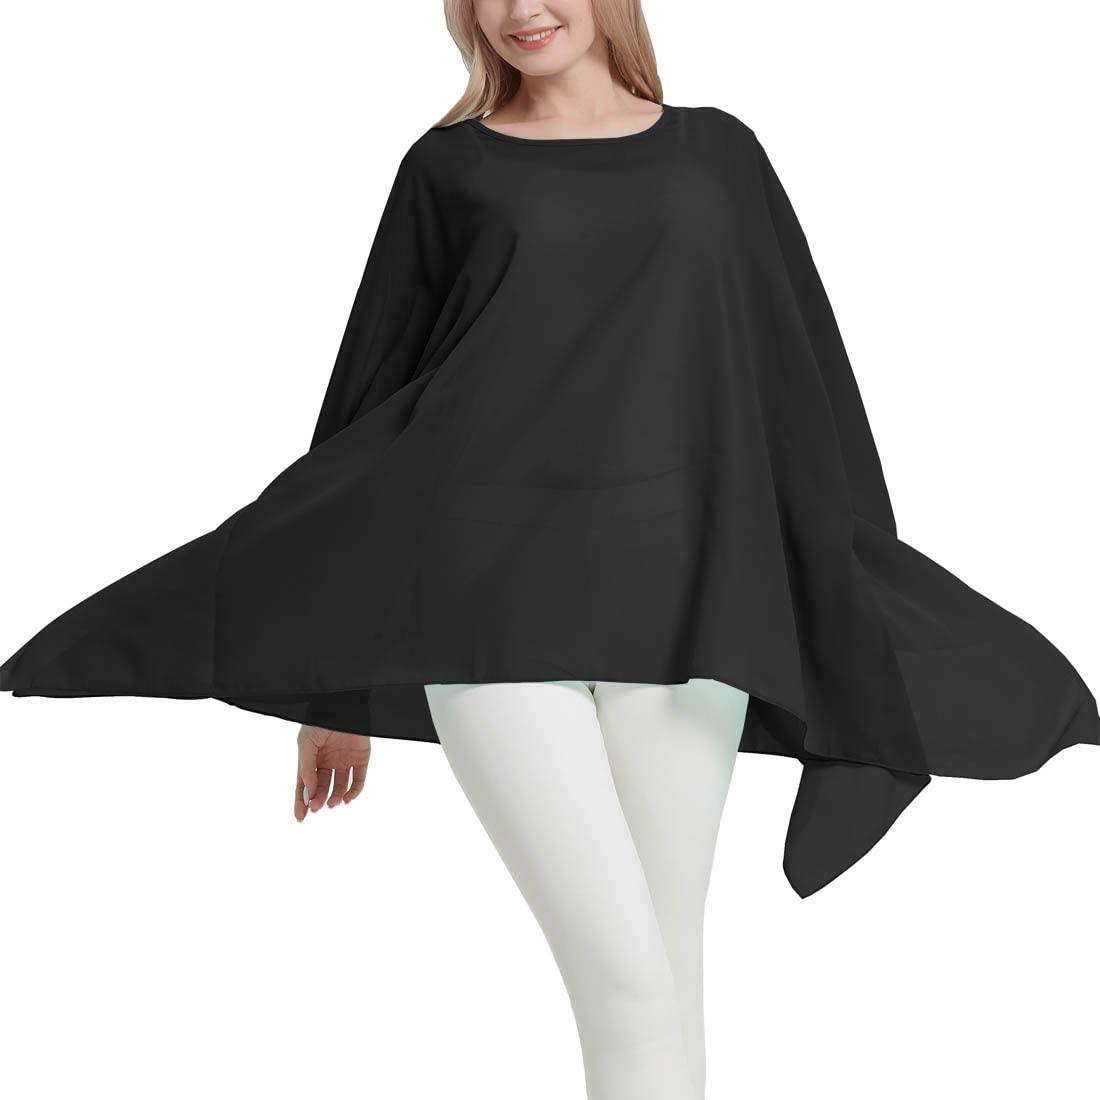 Women's Loose Solid Long Batwing Sheer Chiffon Caftan Wrap Poncho Tunic Top Topper